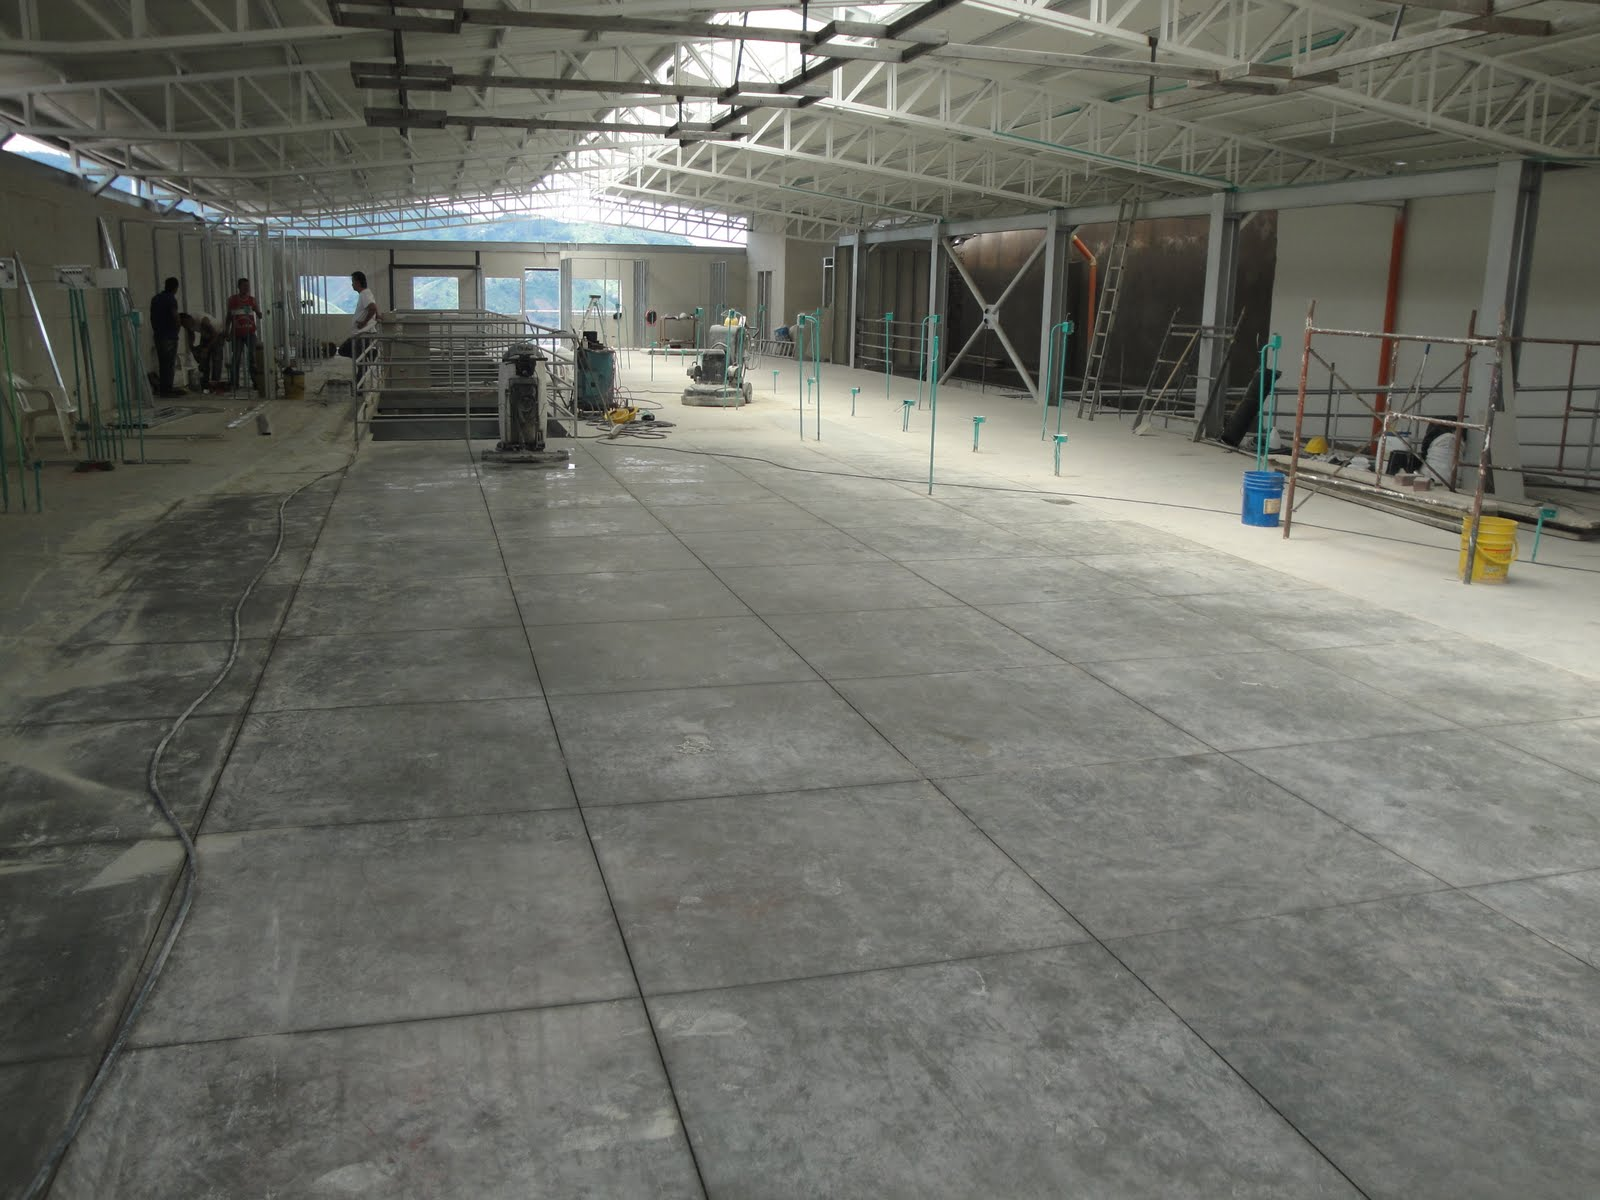 Dekoncreto pisos y aplicaciones pisos en concreto pulido for Pisos para escaleras de concreto